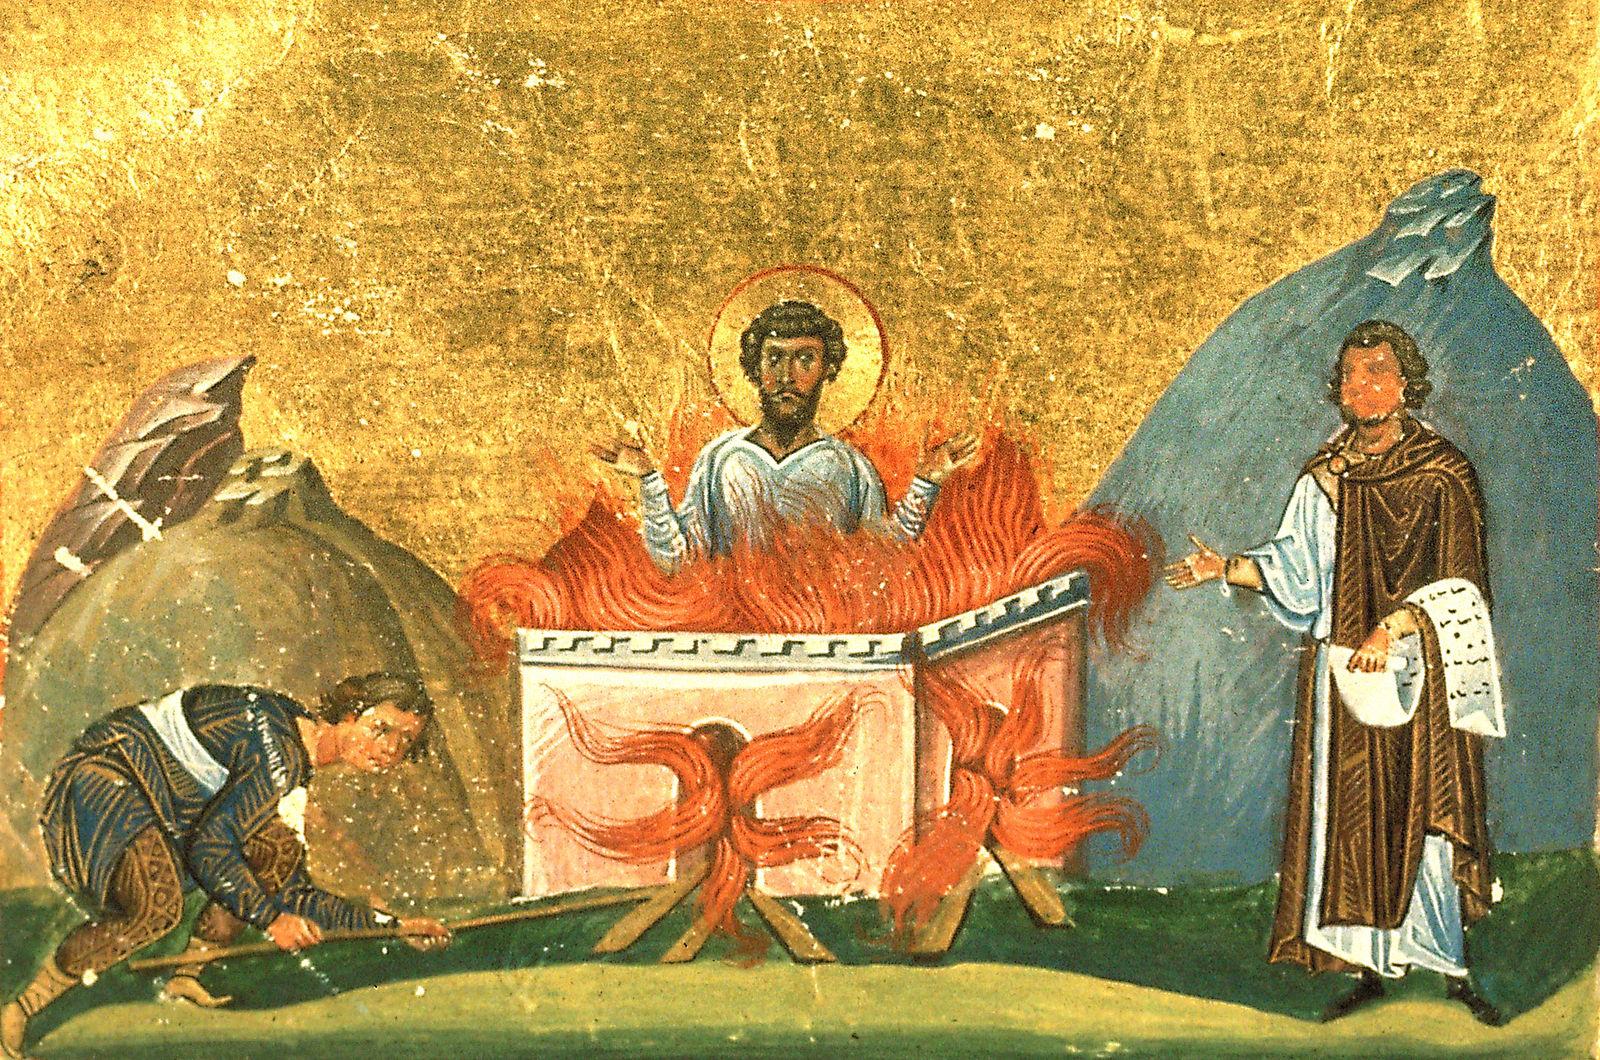 СВЯТОЙ ВЕЛИКОМУЧЕНИК ФЕОДОР ТИРОН: Закон Небесный выше смерти земной